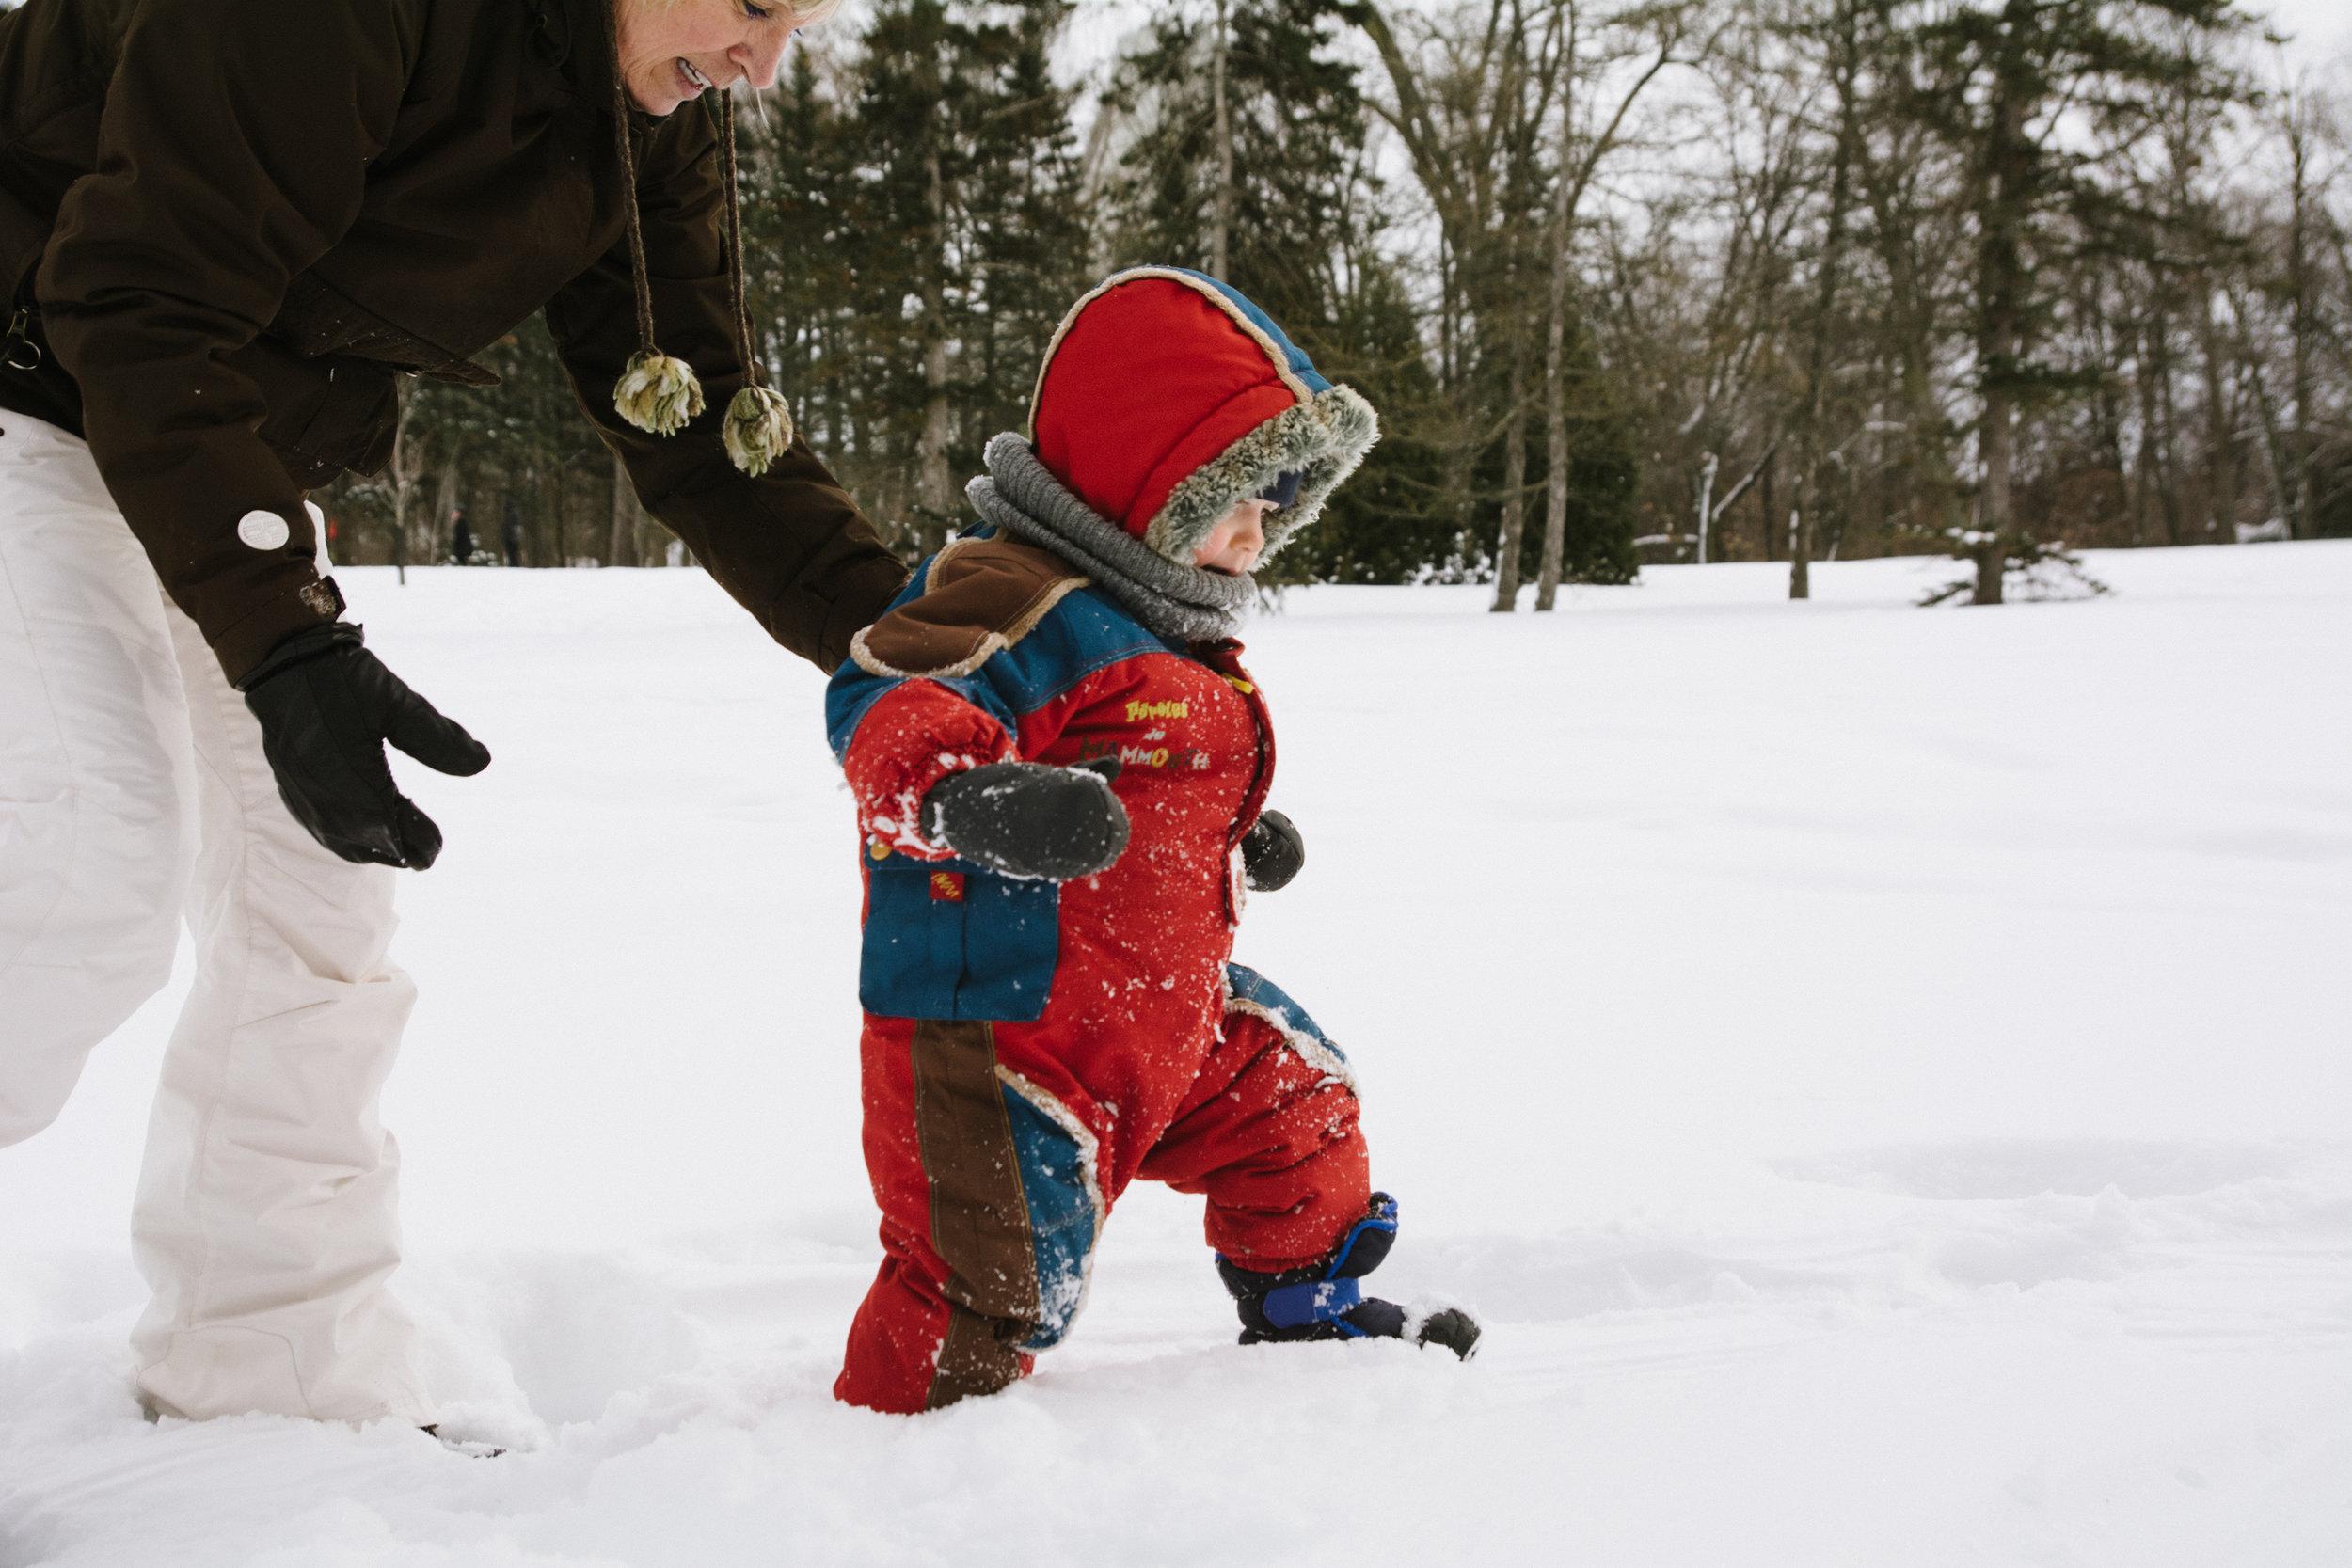 photo-d-un-enfant-en-habit-de-neige-qui-marche-dans-la-neige-l-hiver-a-montreal-photographe-enfant-famille-montreal.jpg